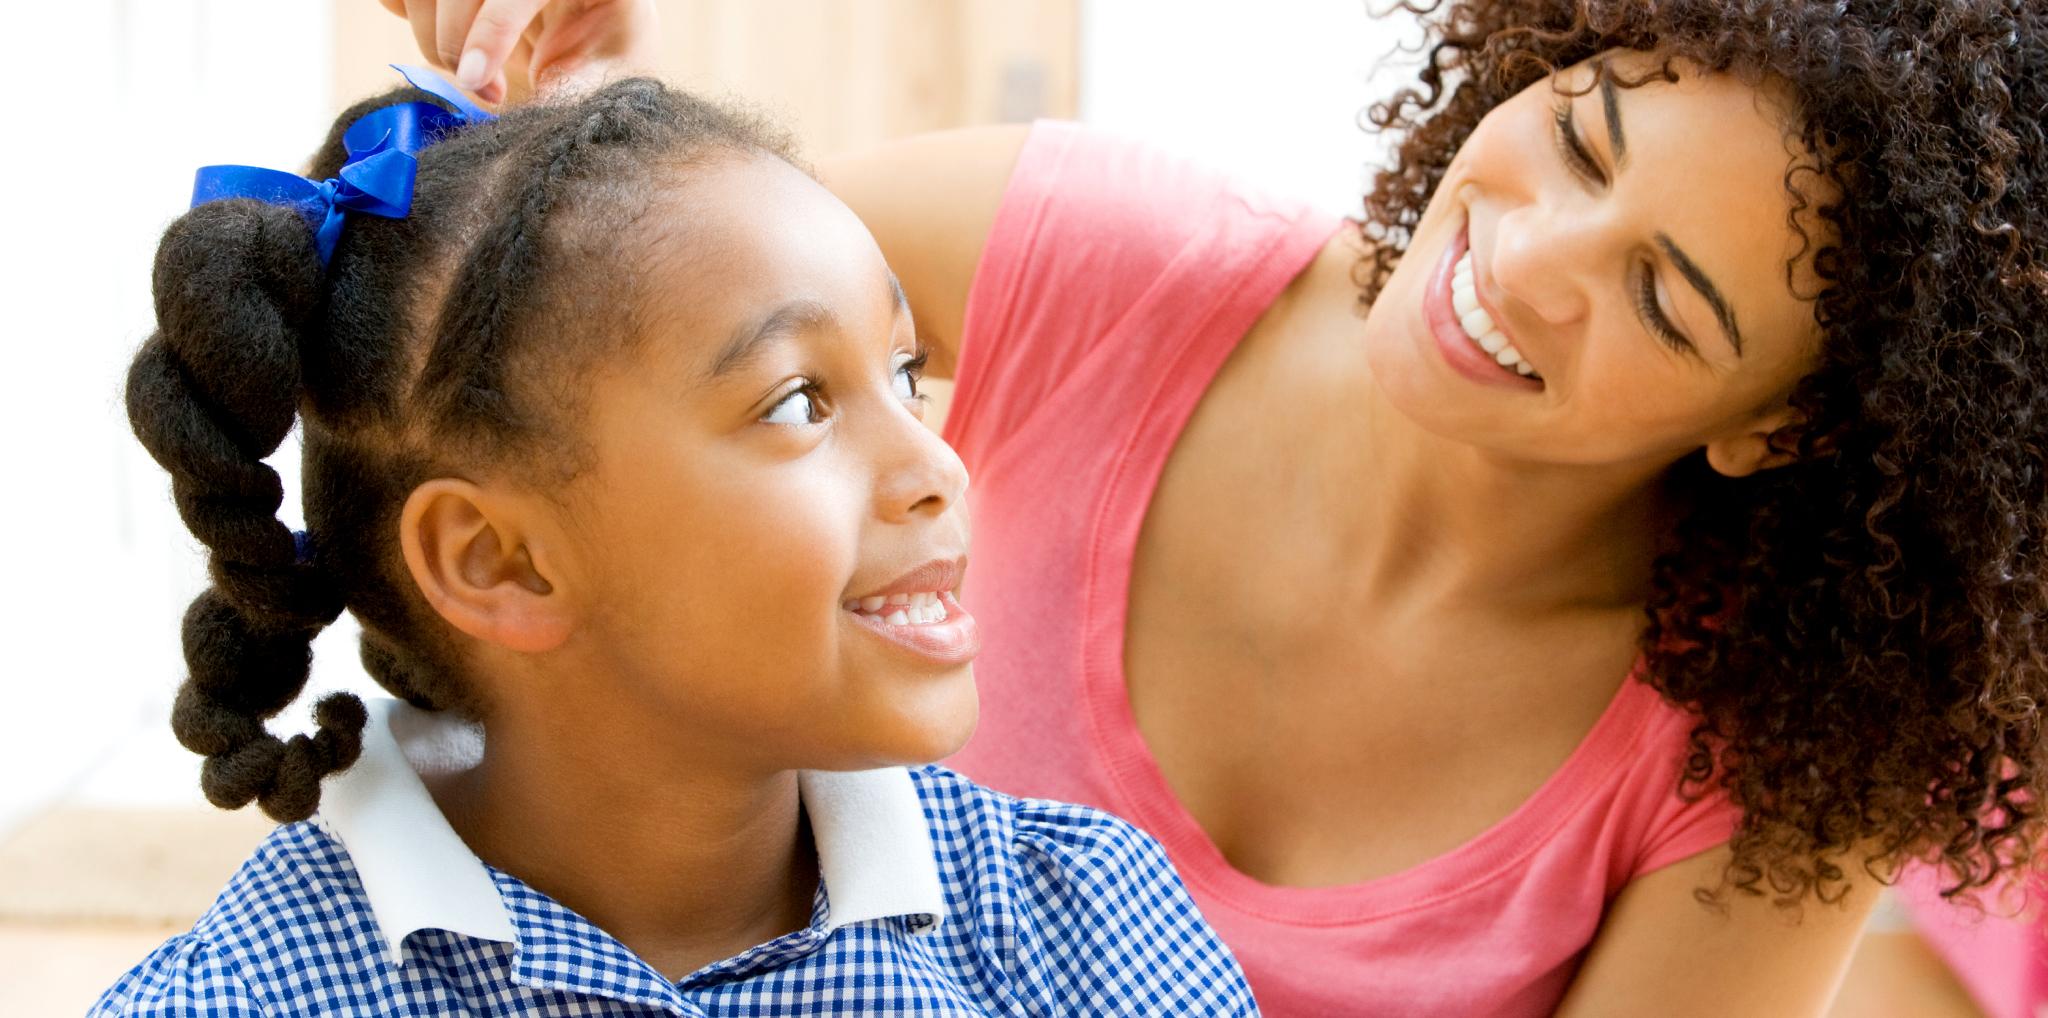 Causes-For-Child-MisBehavior-Miscommunication.jpg